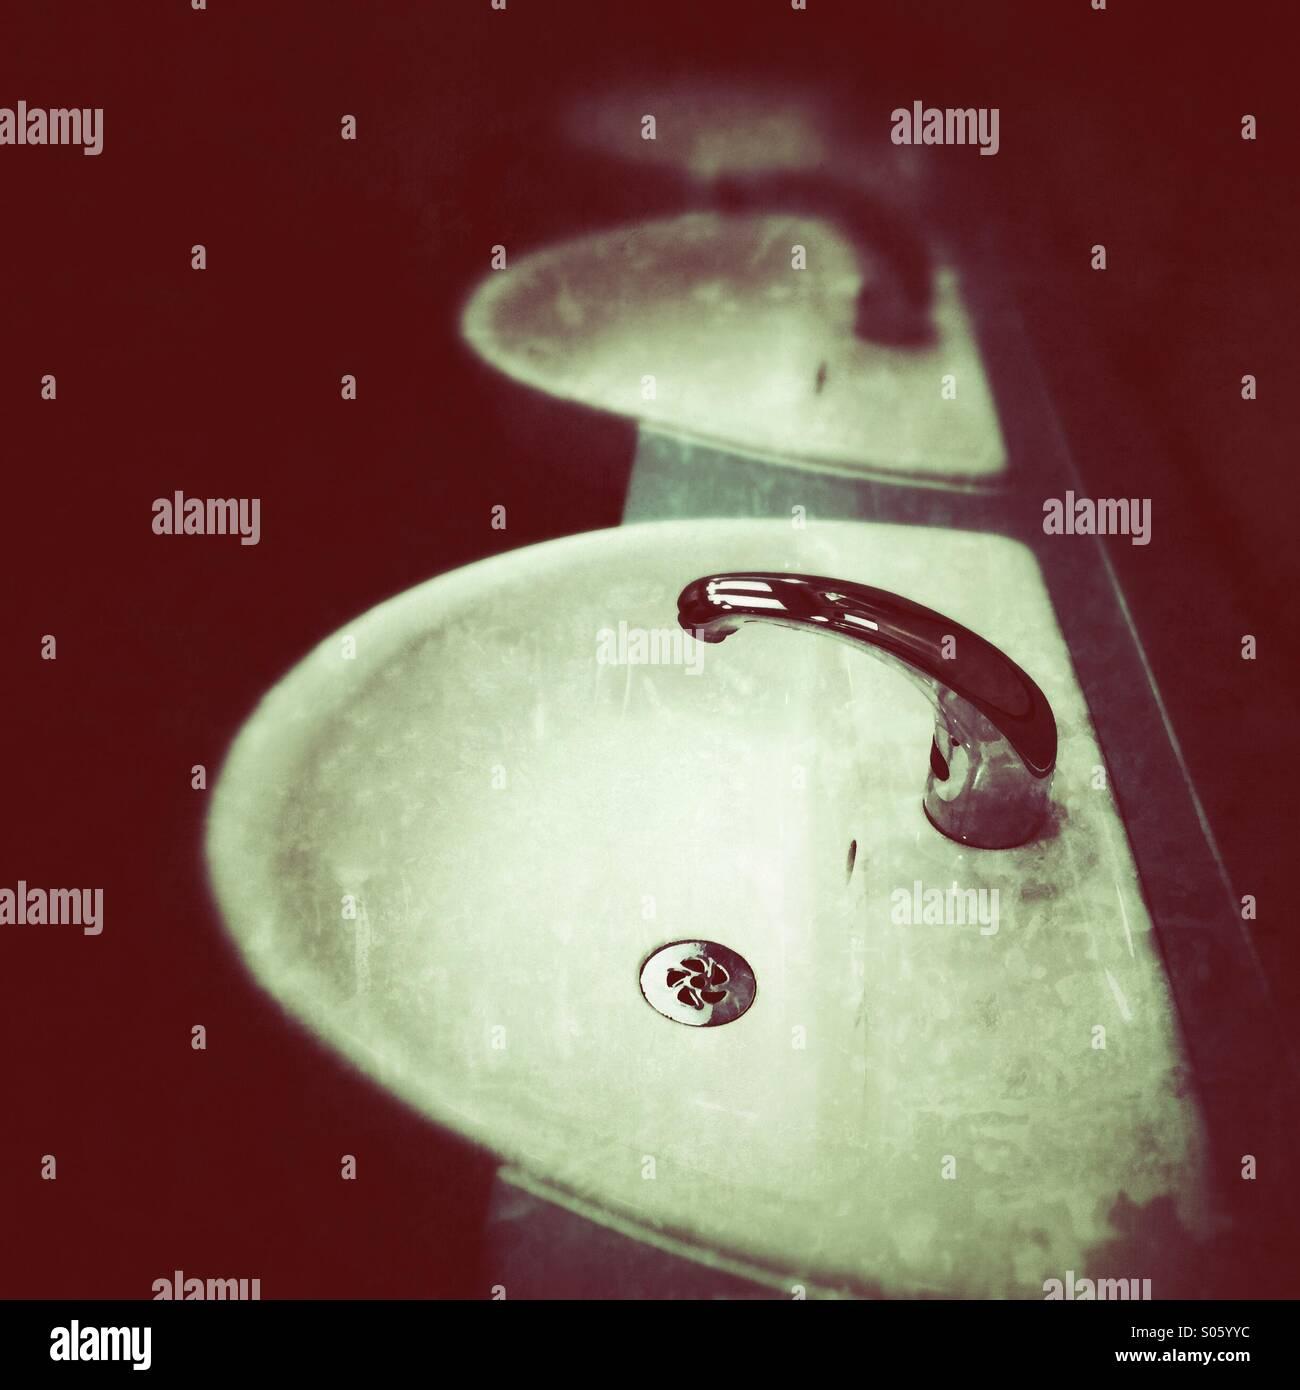 Grunge image of washbasins - Stock Image